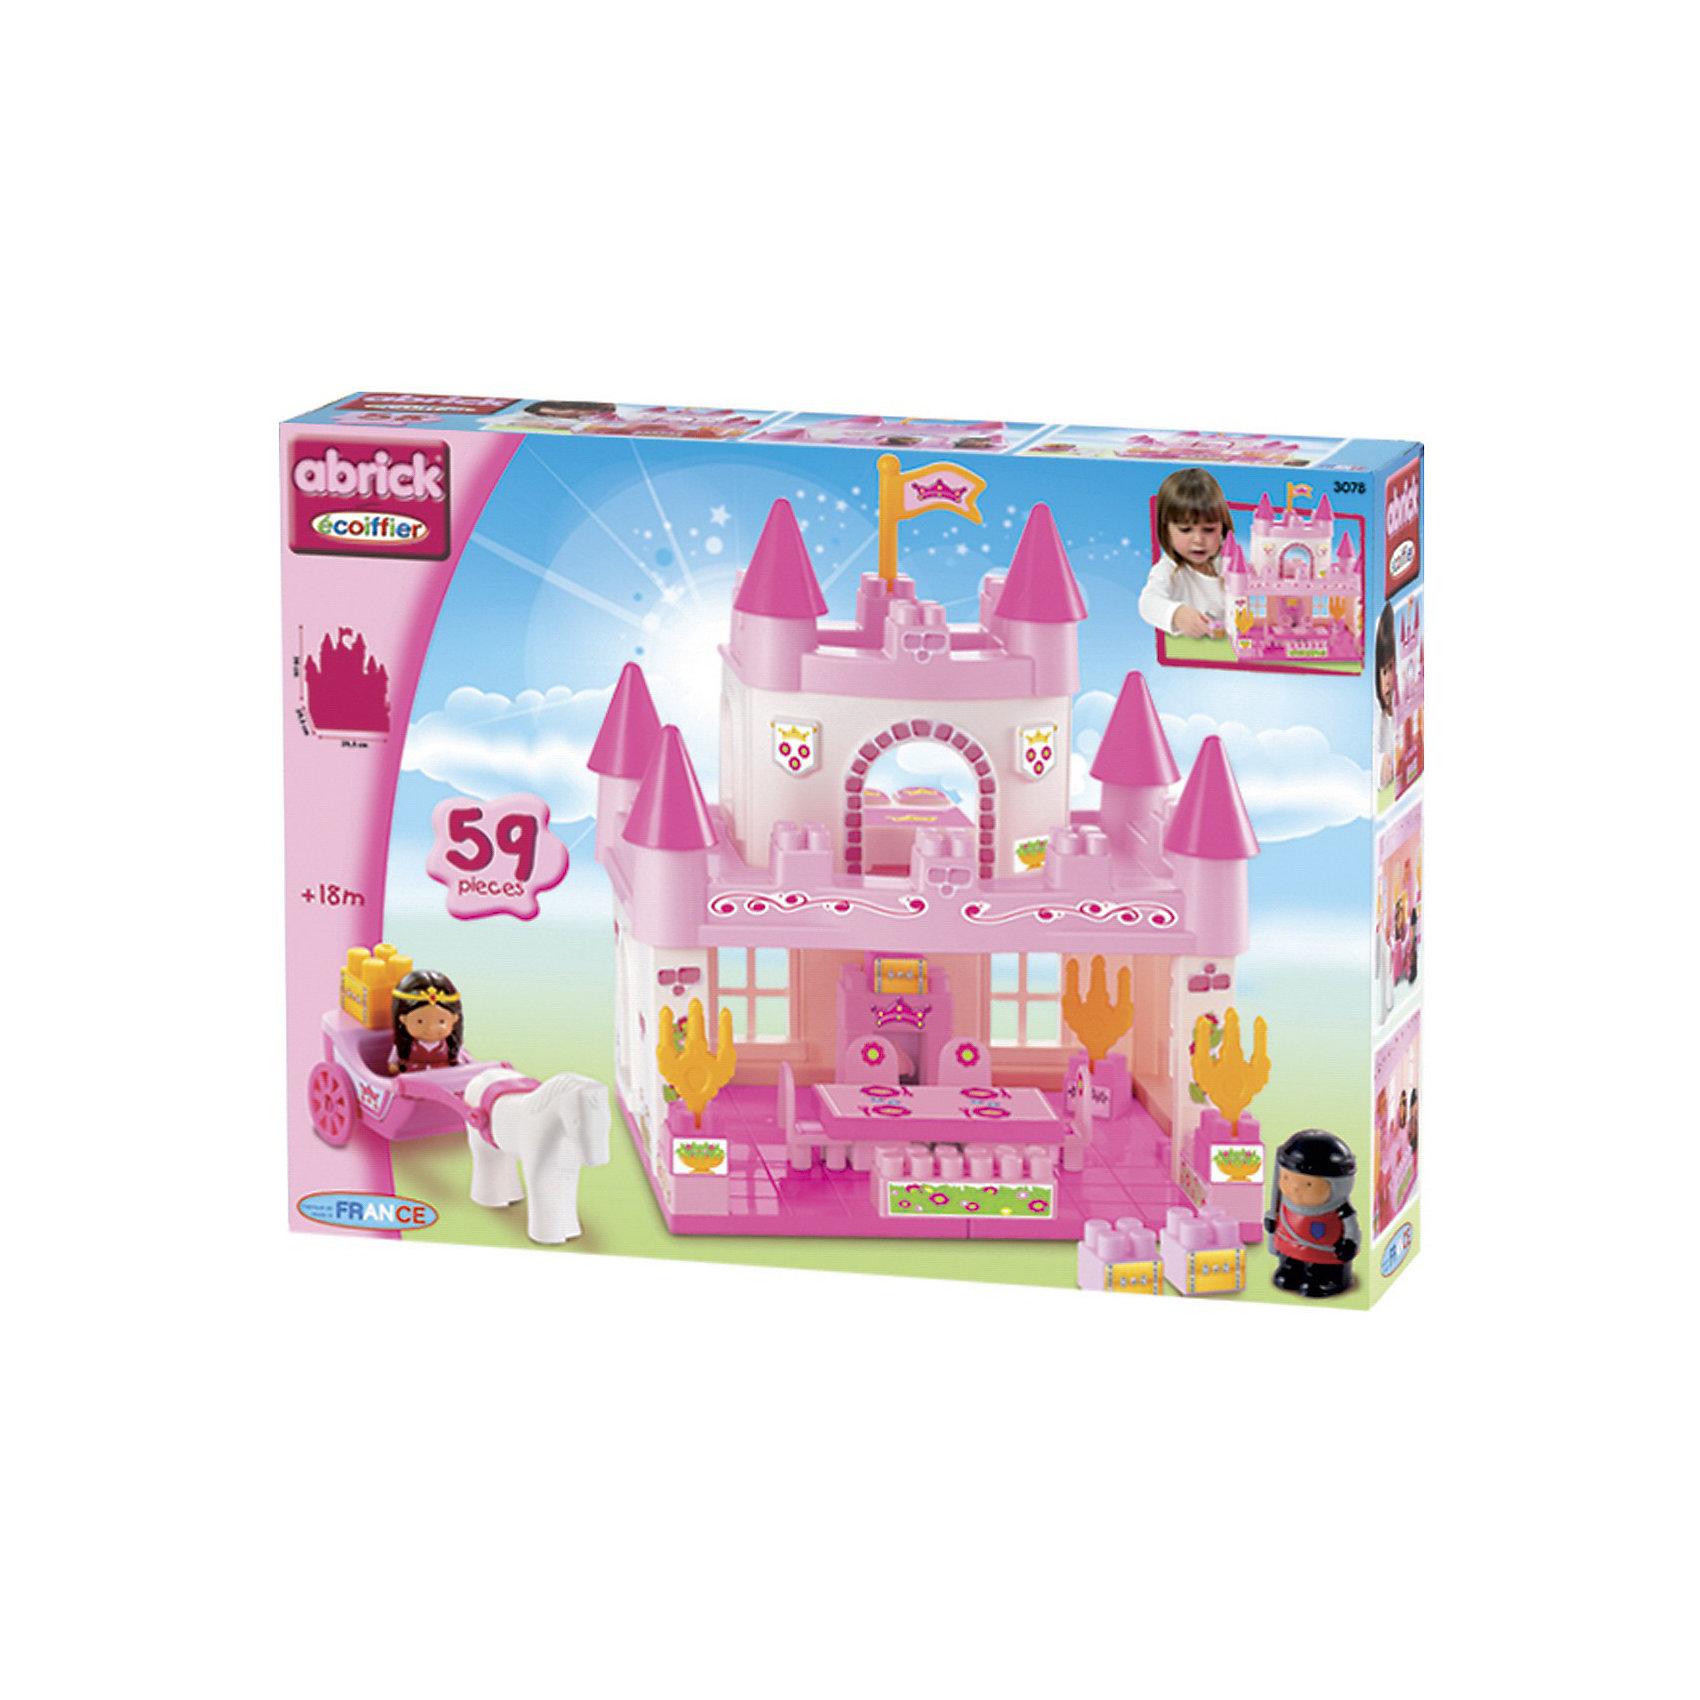 écoiffier Конструктор Замок принцессы, Ecoiffier ecoiffier замок принцессы 59 предметов